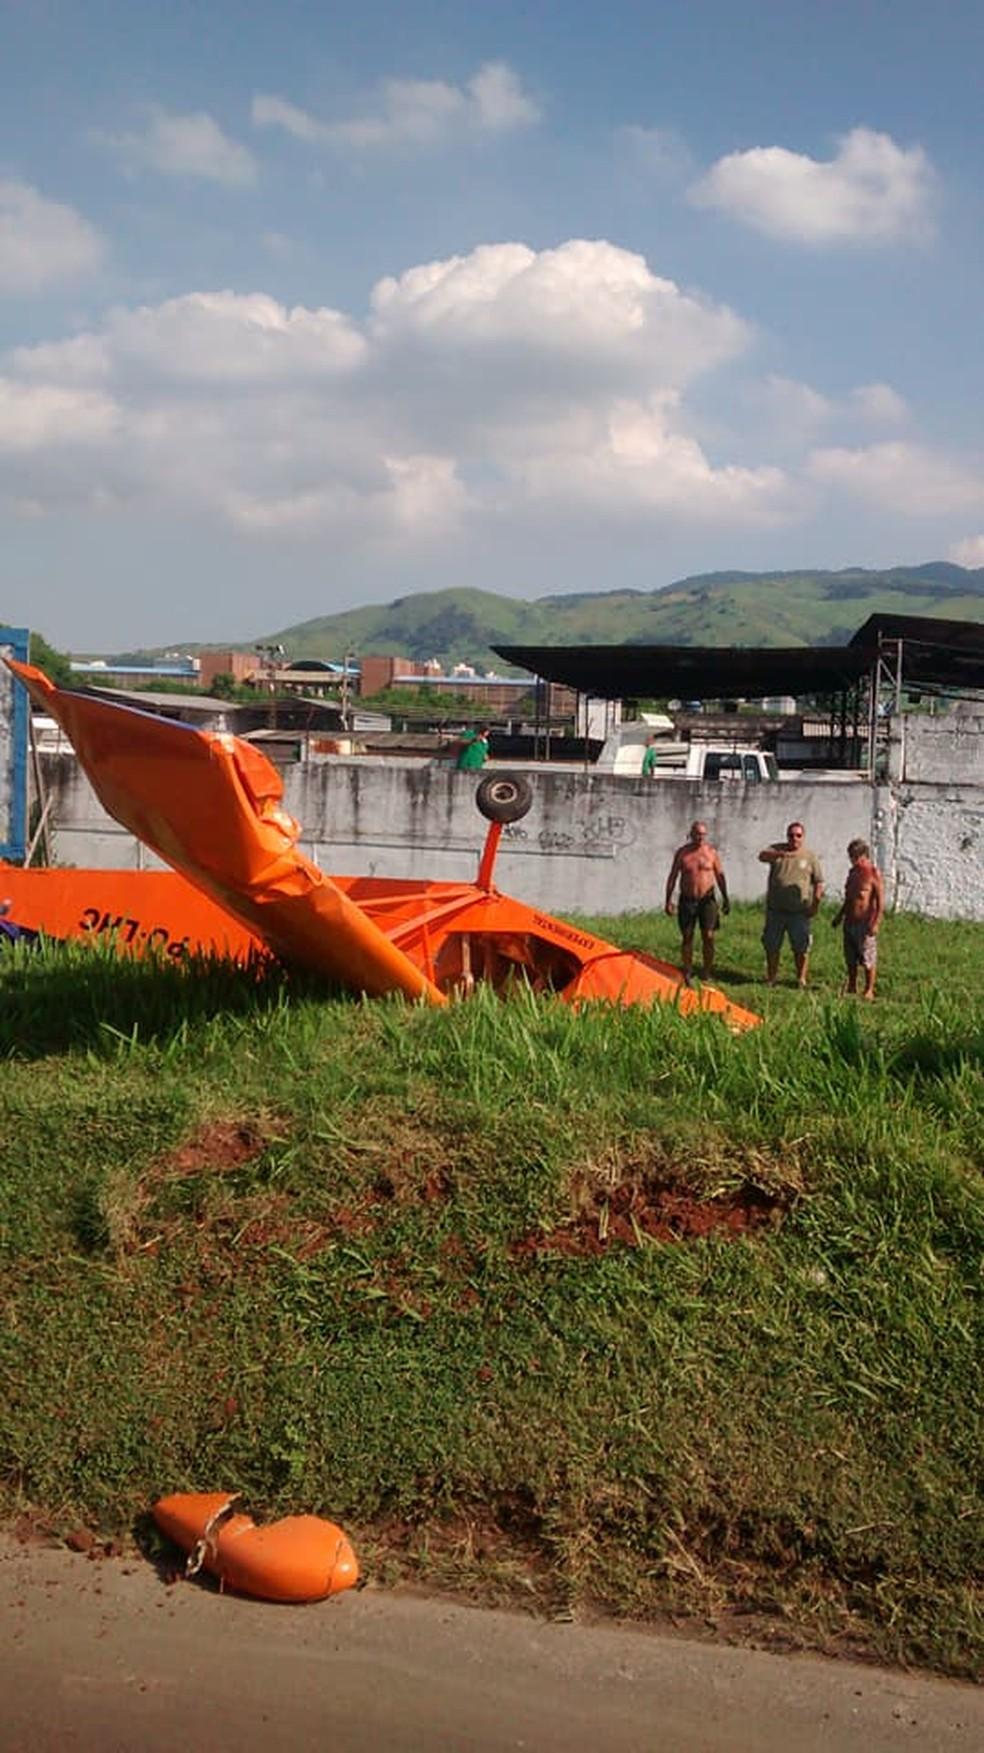 Trânsito é intenso próximo ao local do acidente devido a motoristas curisos (Foto: Arquivo Pessoal/ Arnaldo Mota)